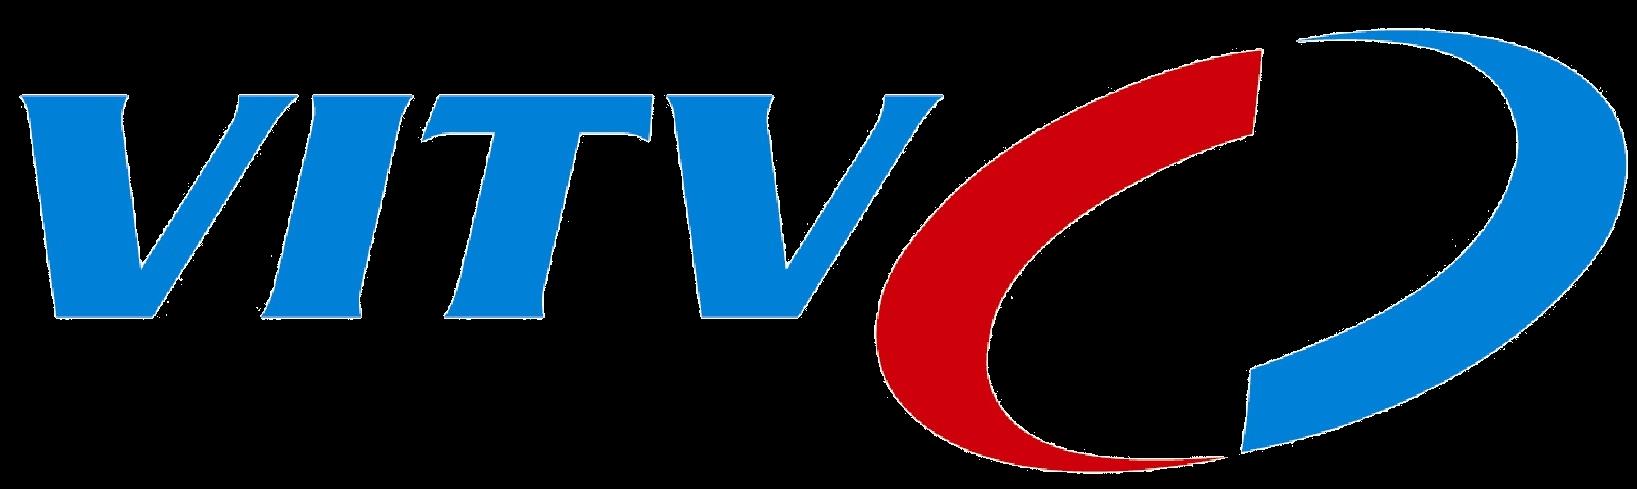 SCTV8 - VITV